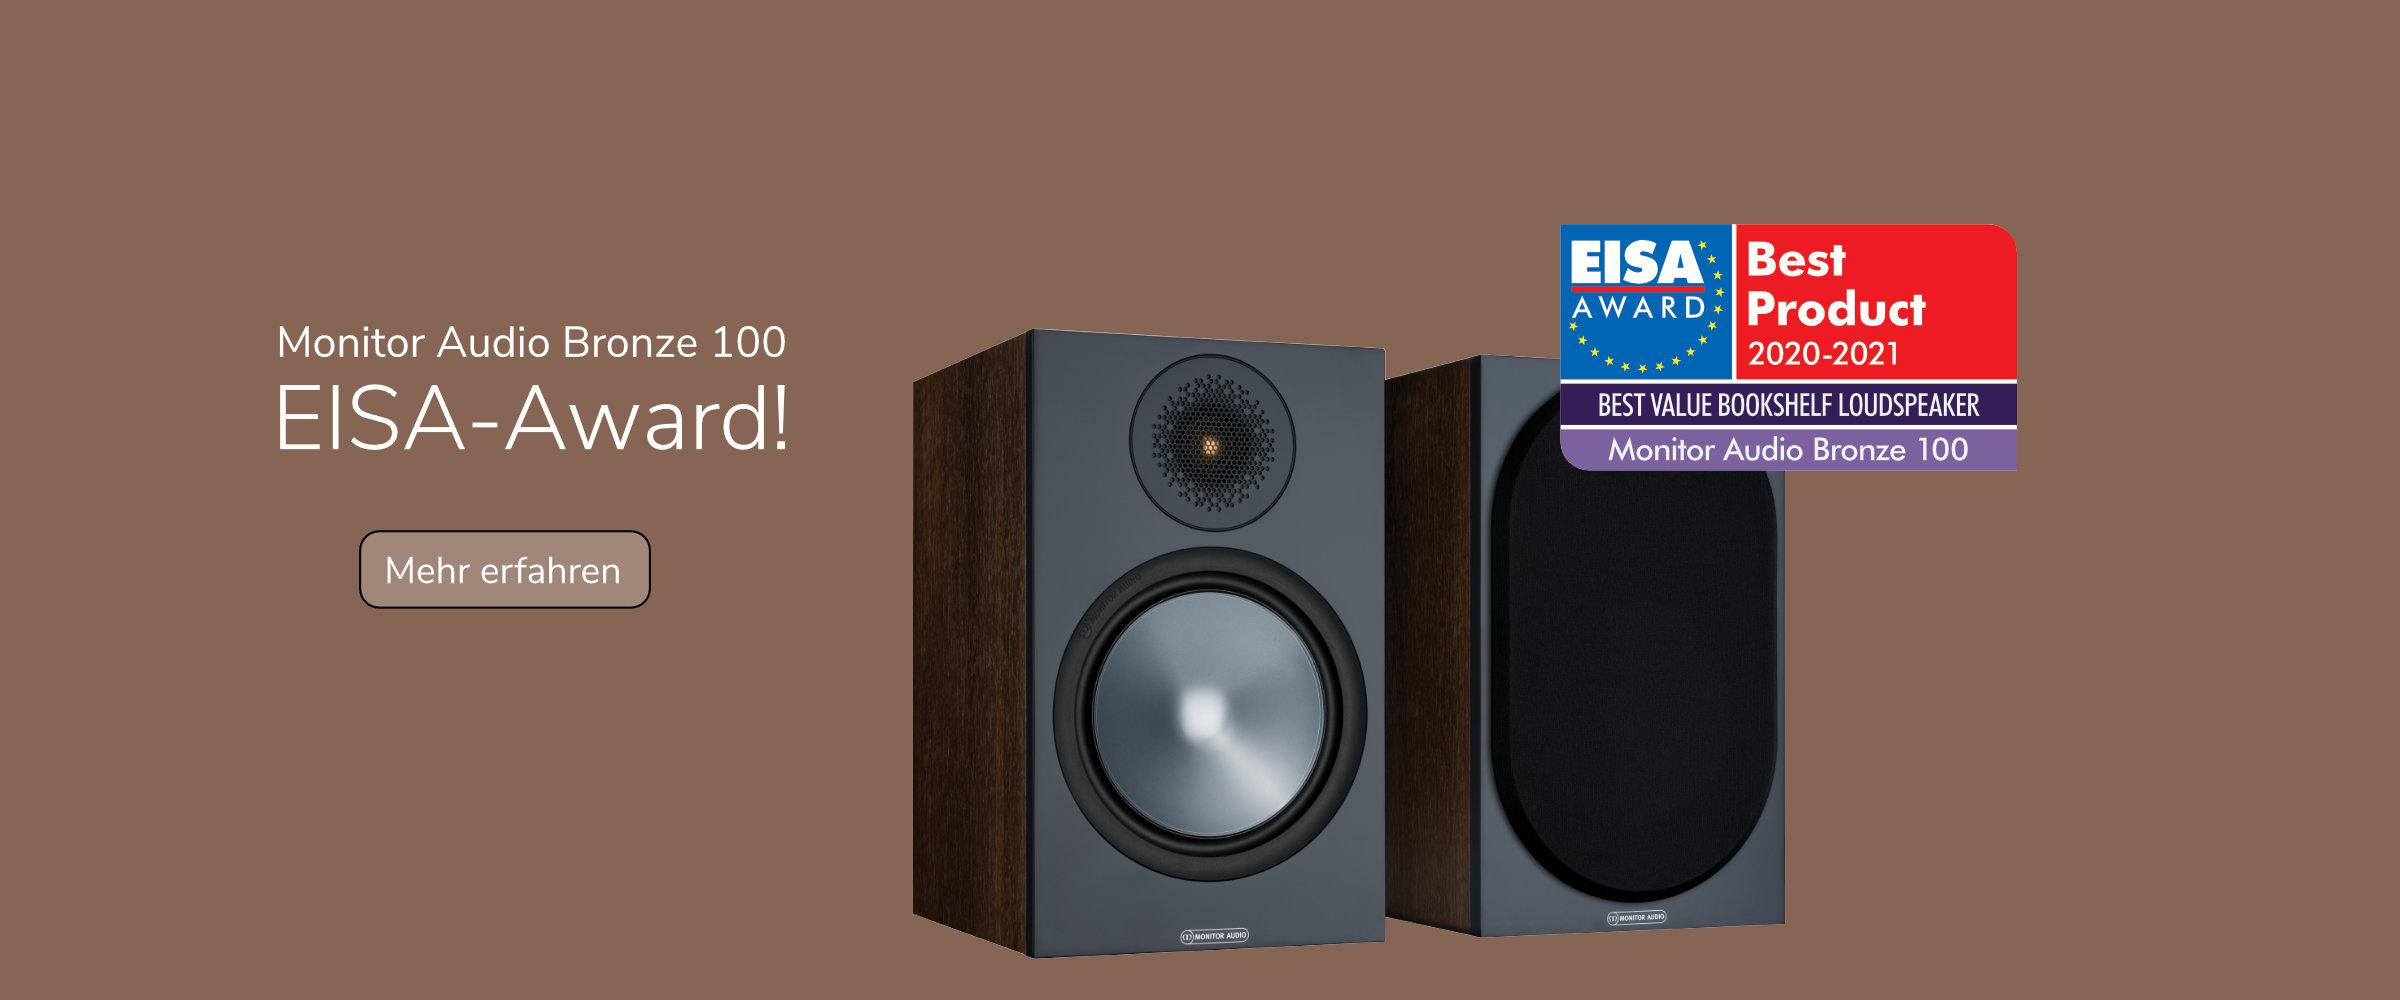 Monitor Audio Bronze 100 gewinnt EISA-Award